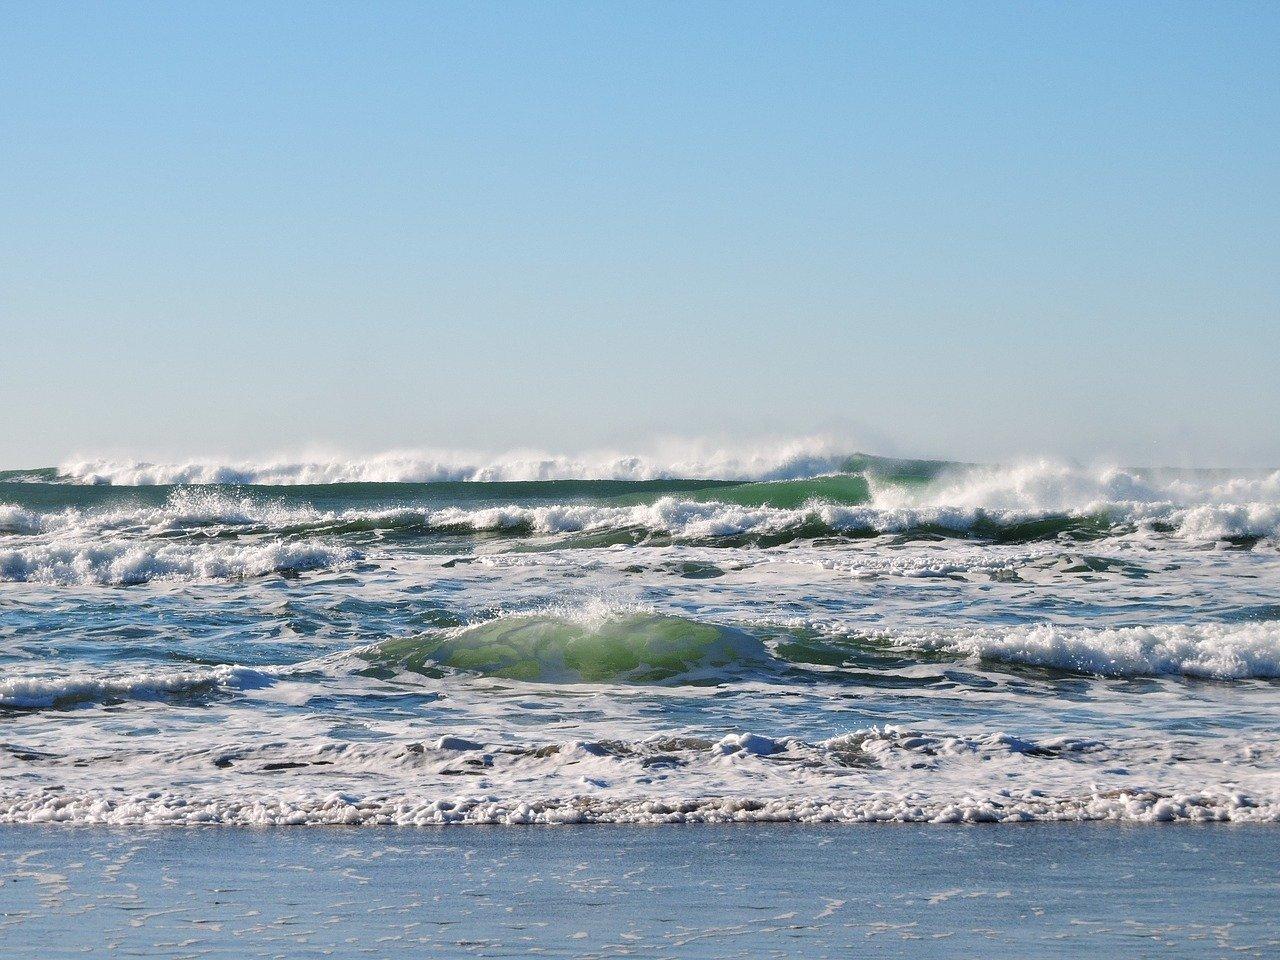 beach-1204401_1280-1